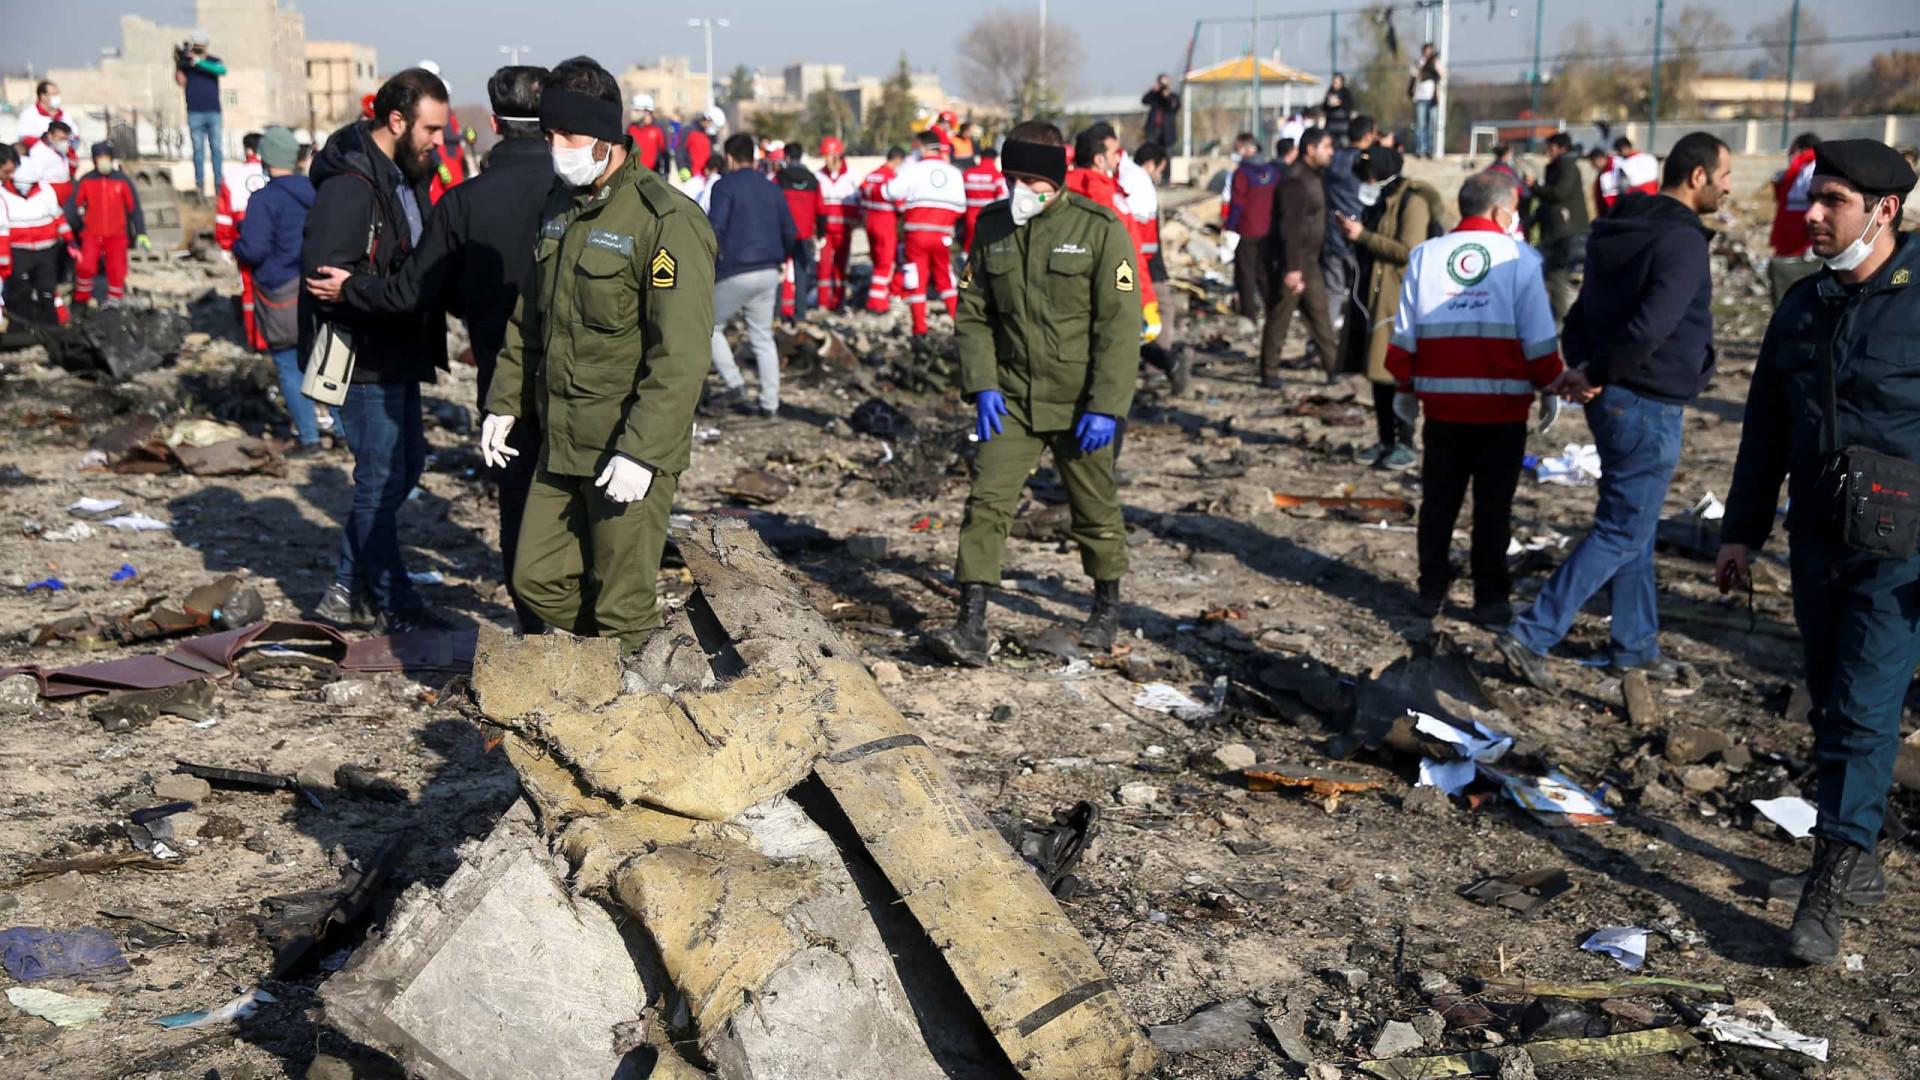 Ucrânia investiga se míssil ou terrorismo causou queda de avião no Irã